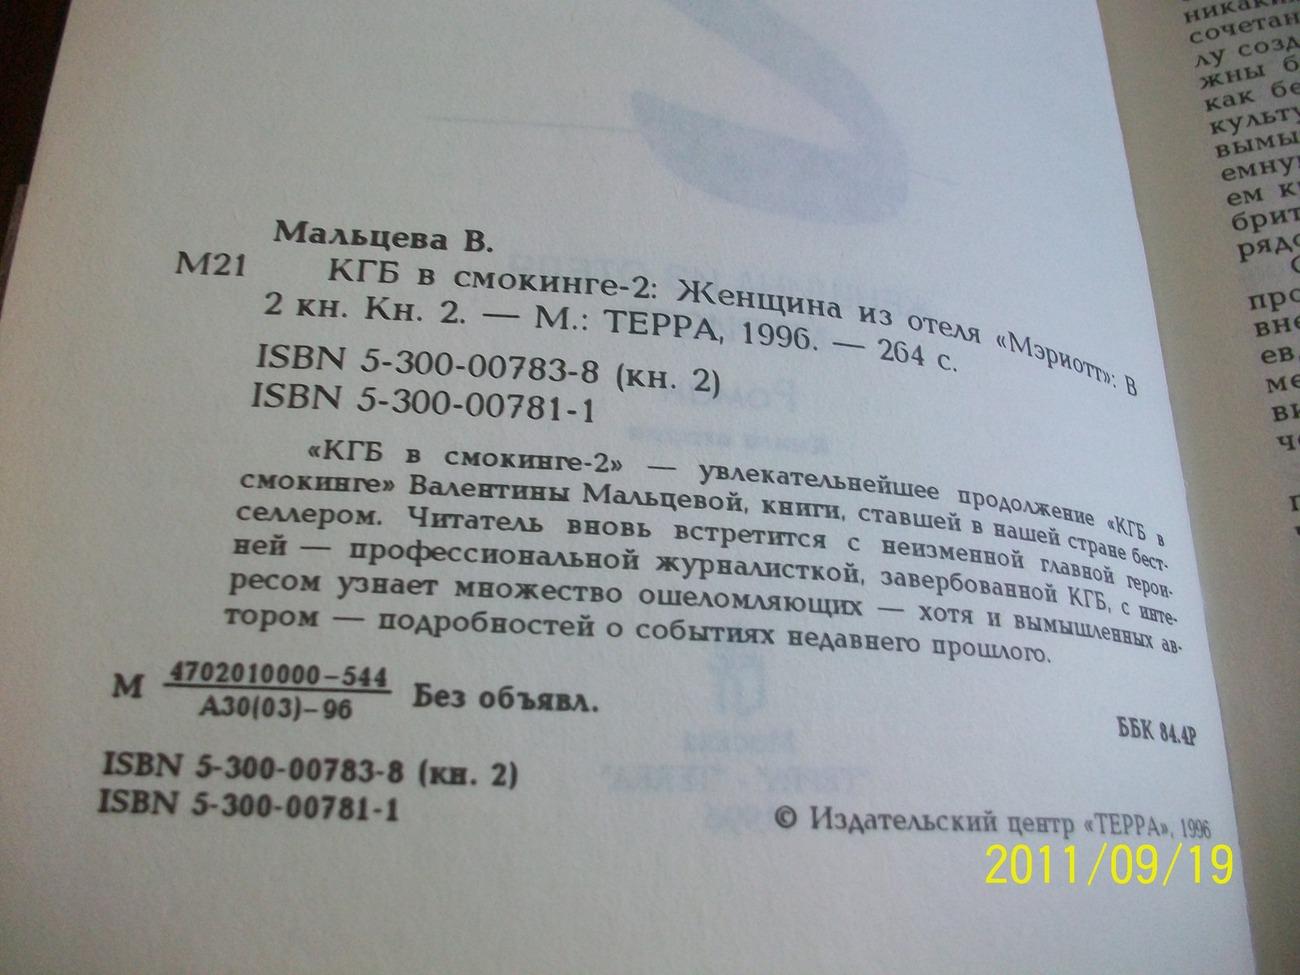 КГБ в смокинге - 2 Женщи